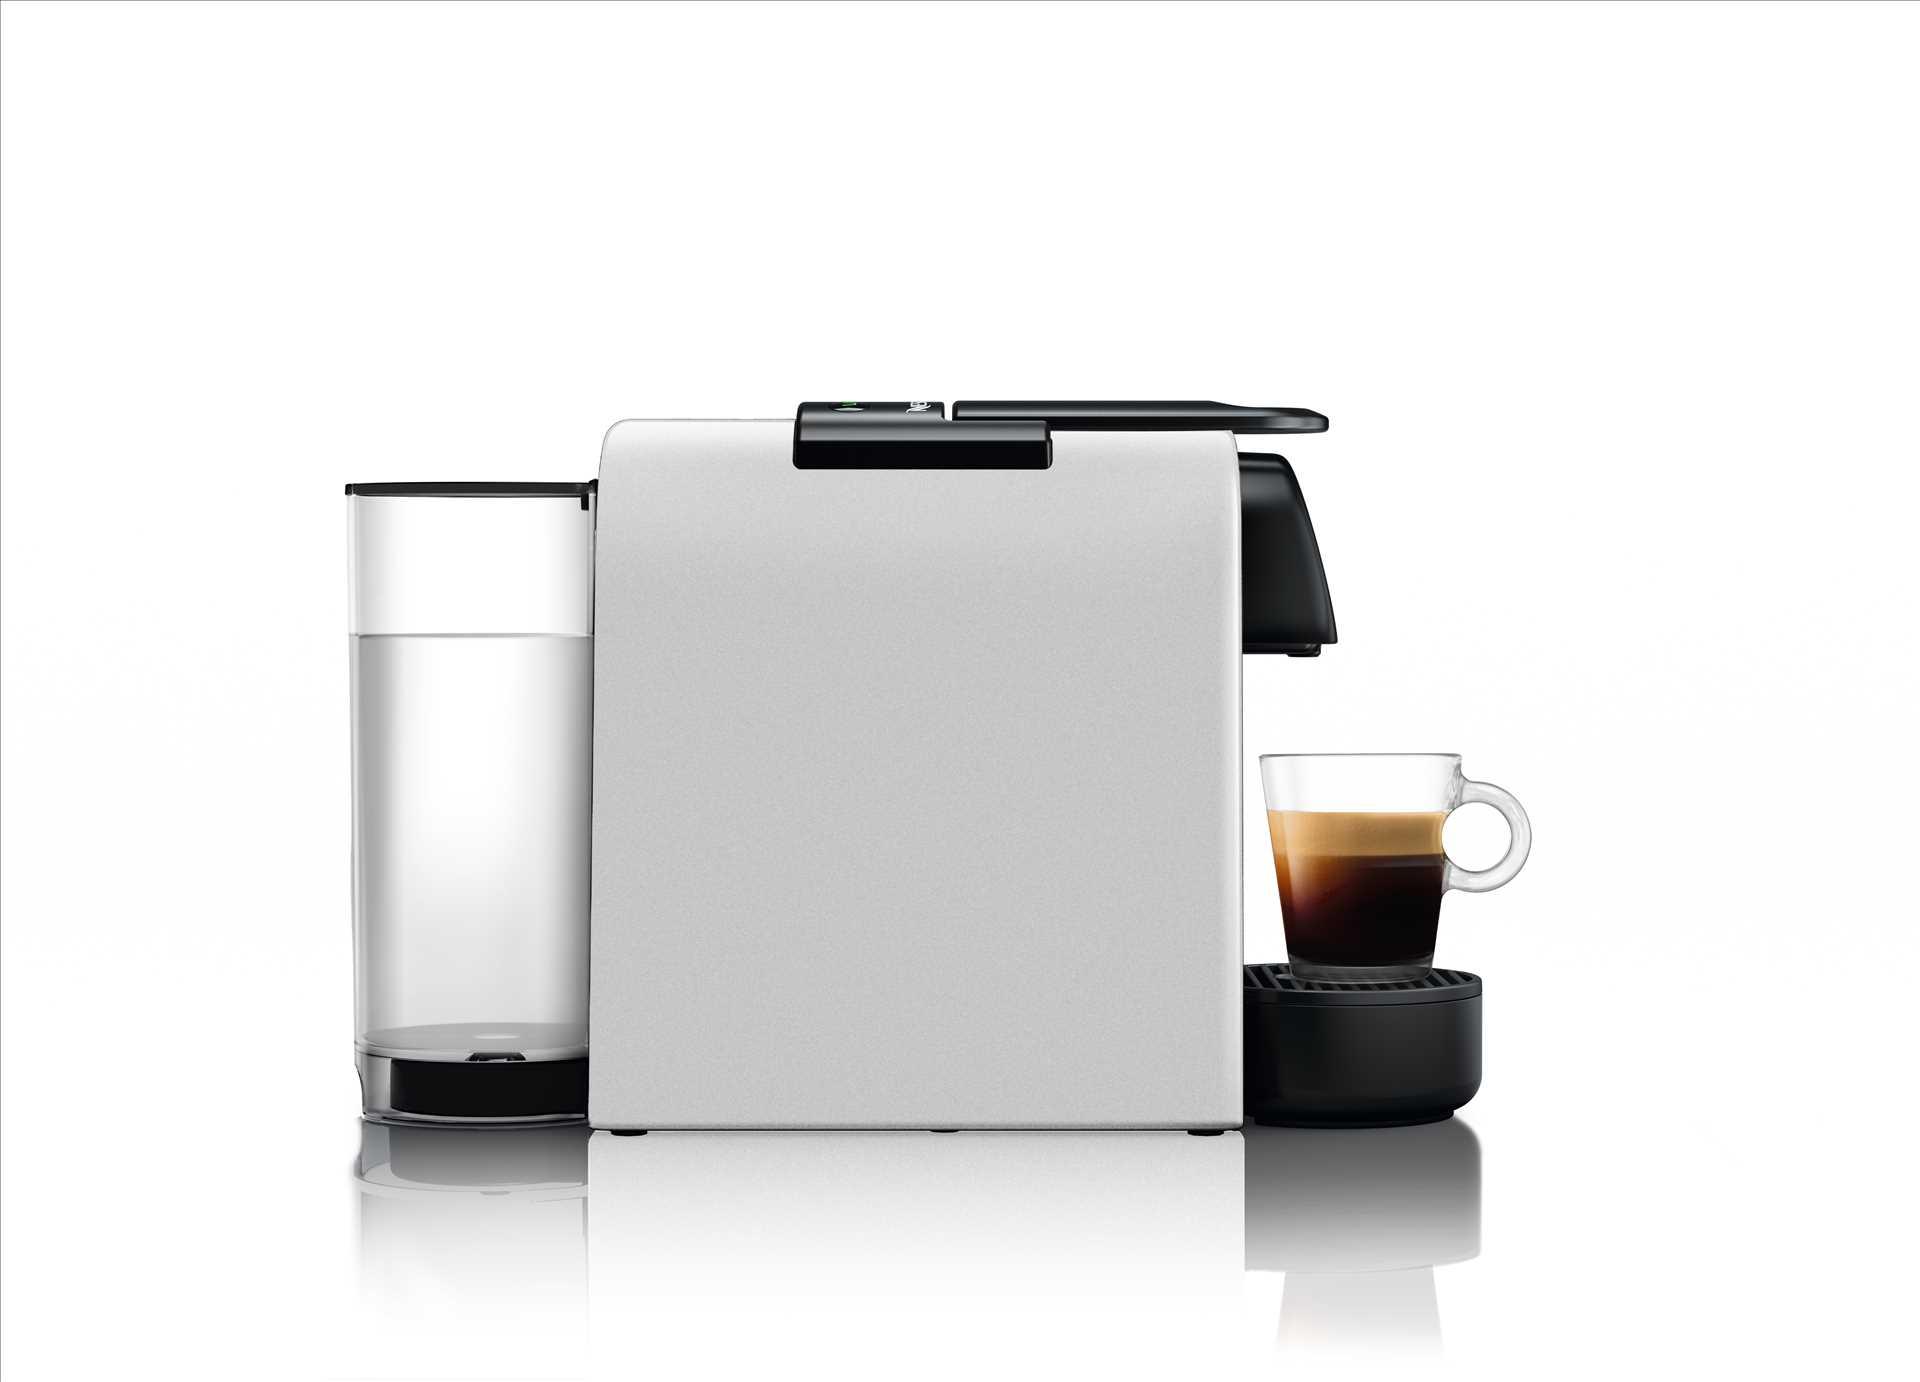 מכונת אספרסו Nespresso Essenza Mini D30 נספרסו בגוון כסוף מט (מהדורה מוגבלת) - תמונה 1